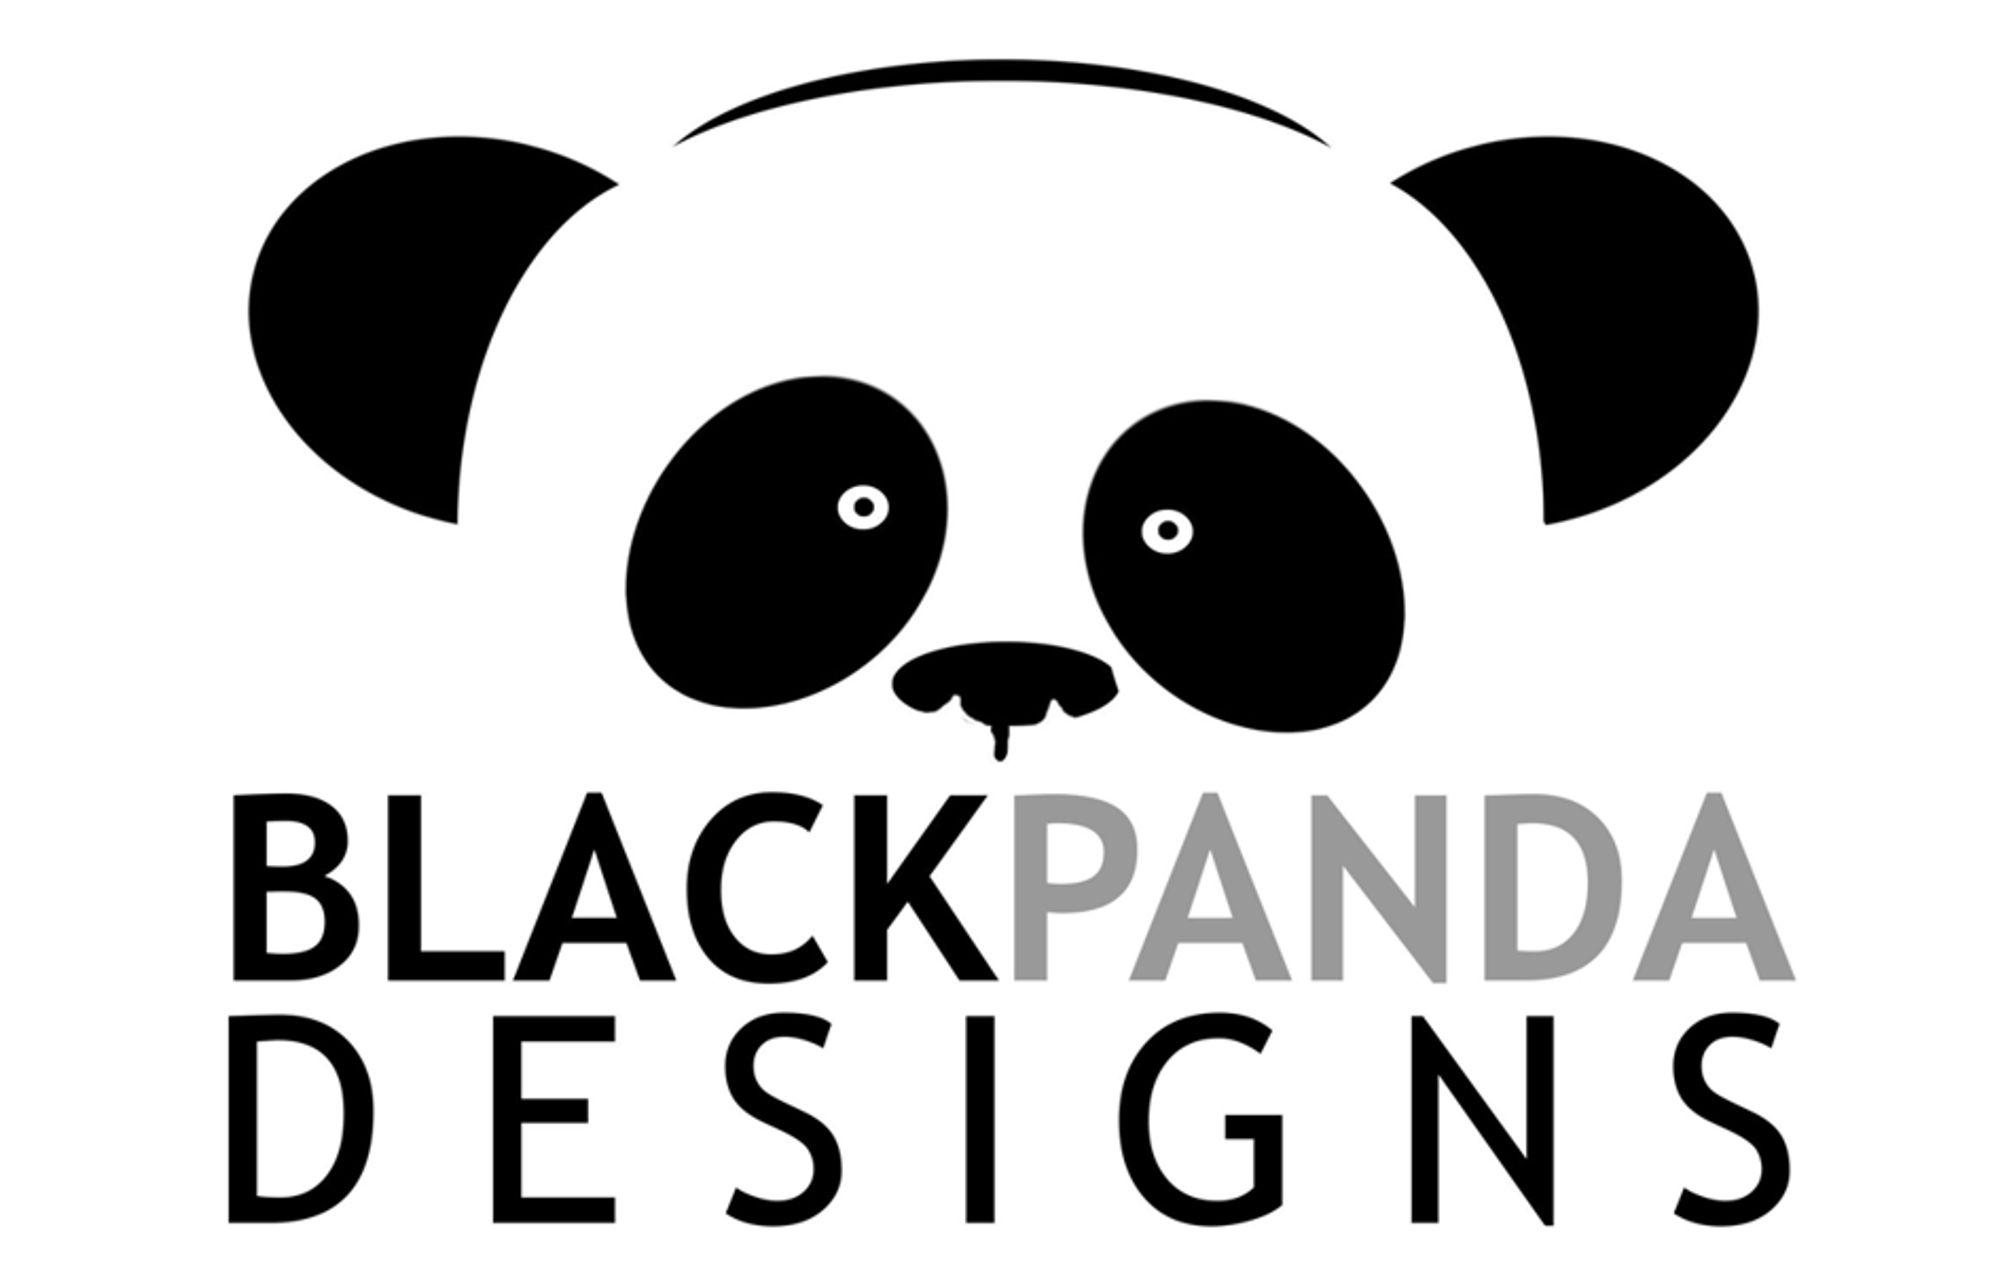 Black Panda Designs